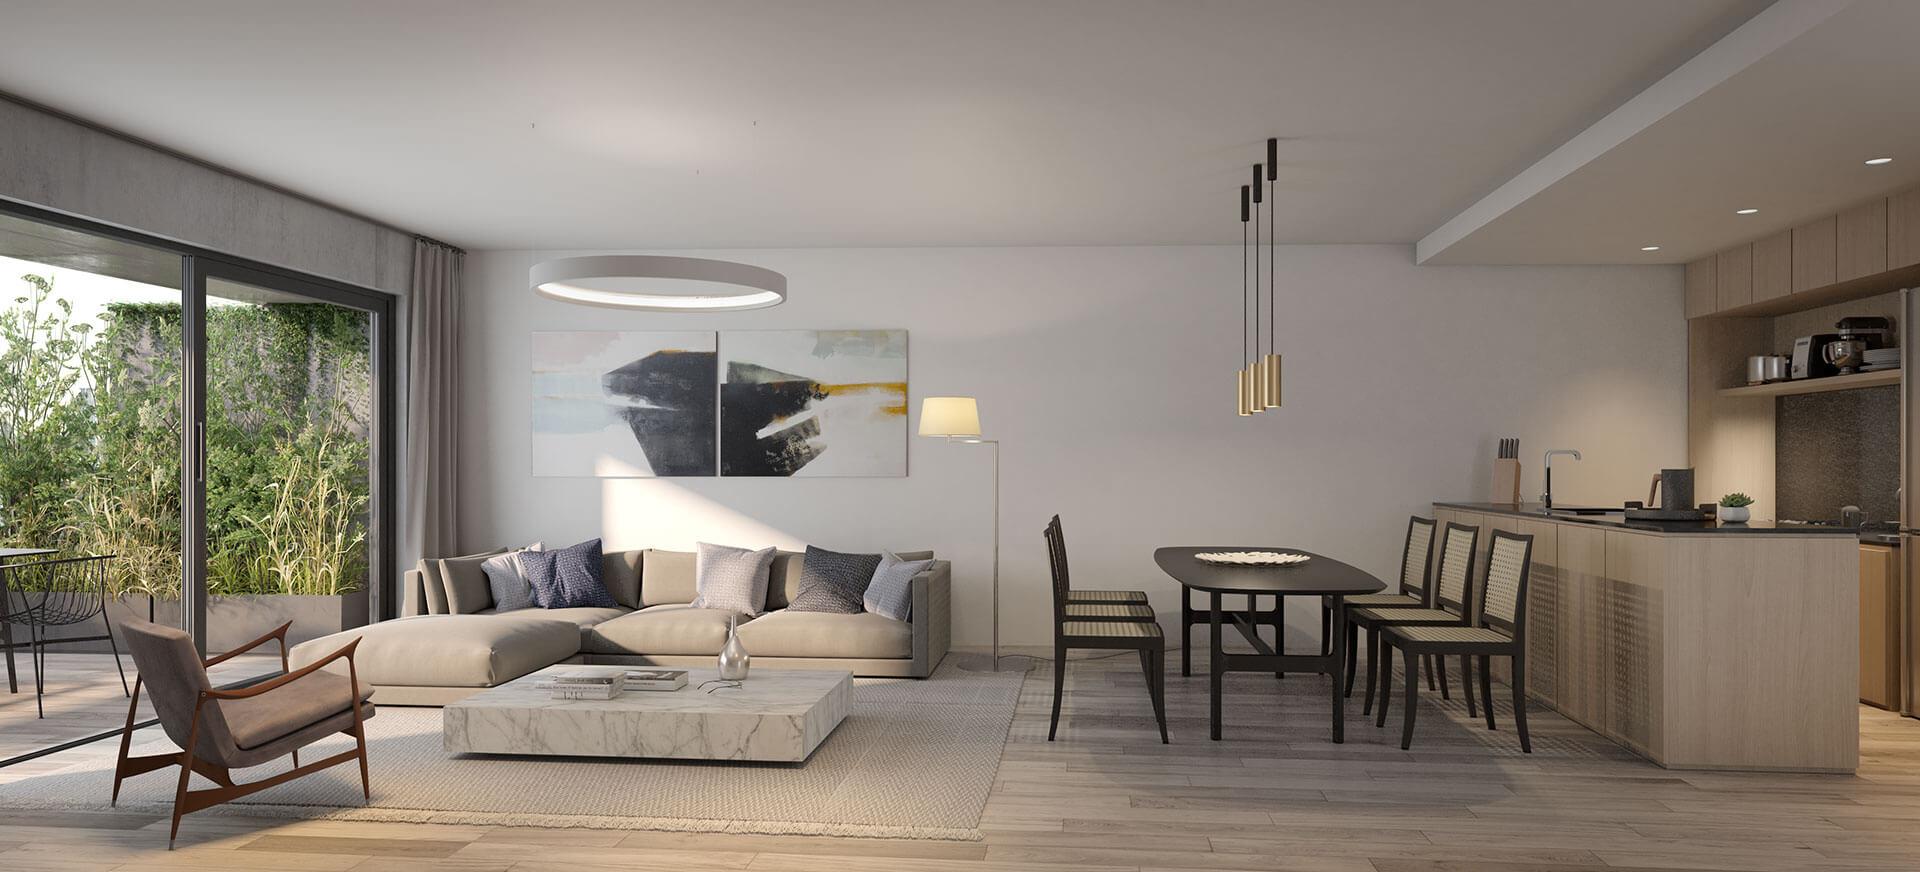 Departamento 4 Ambientes con Balcón Terraza - Superficie Total: 115 m2